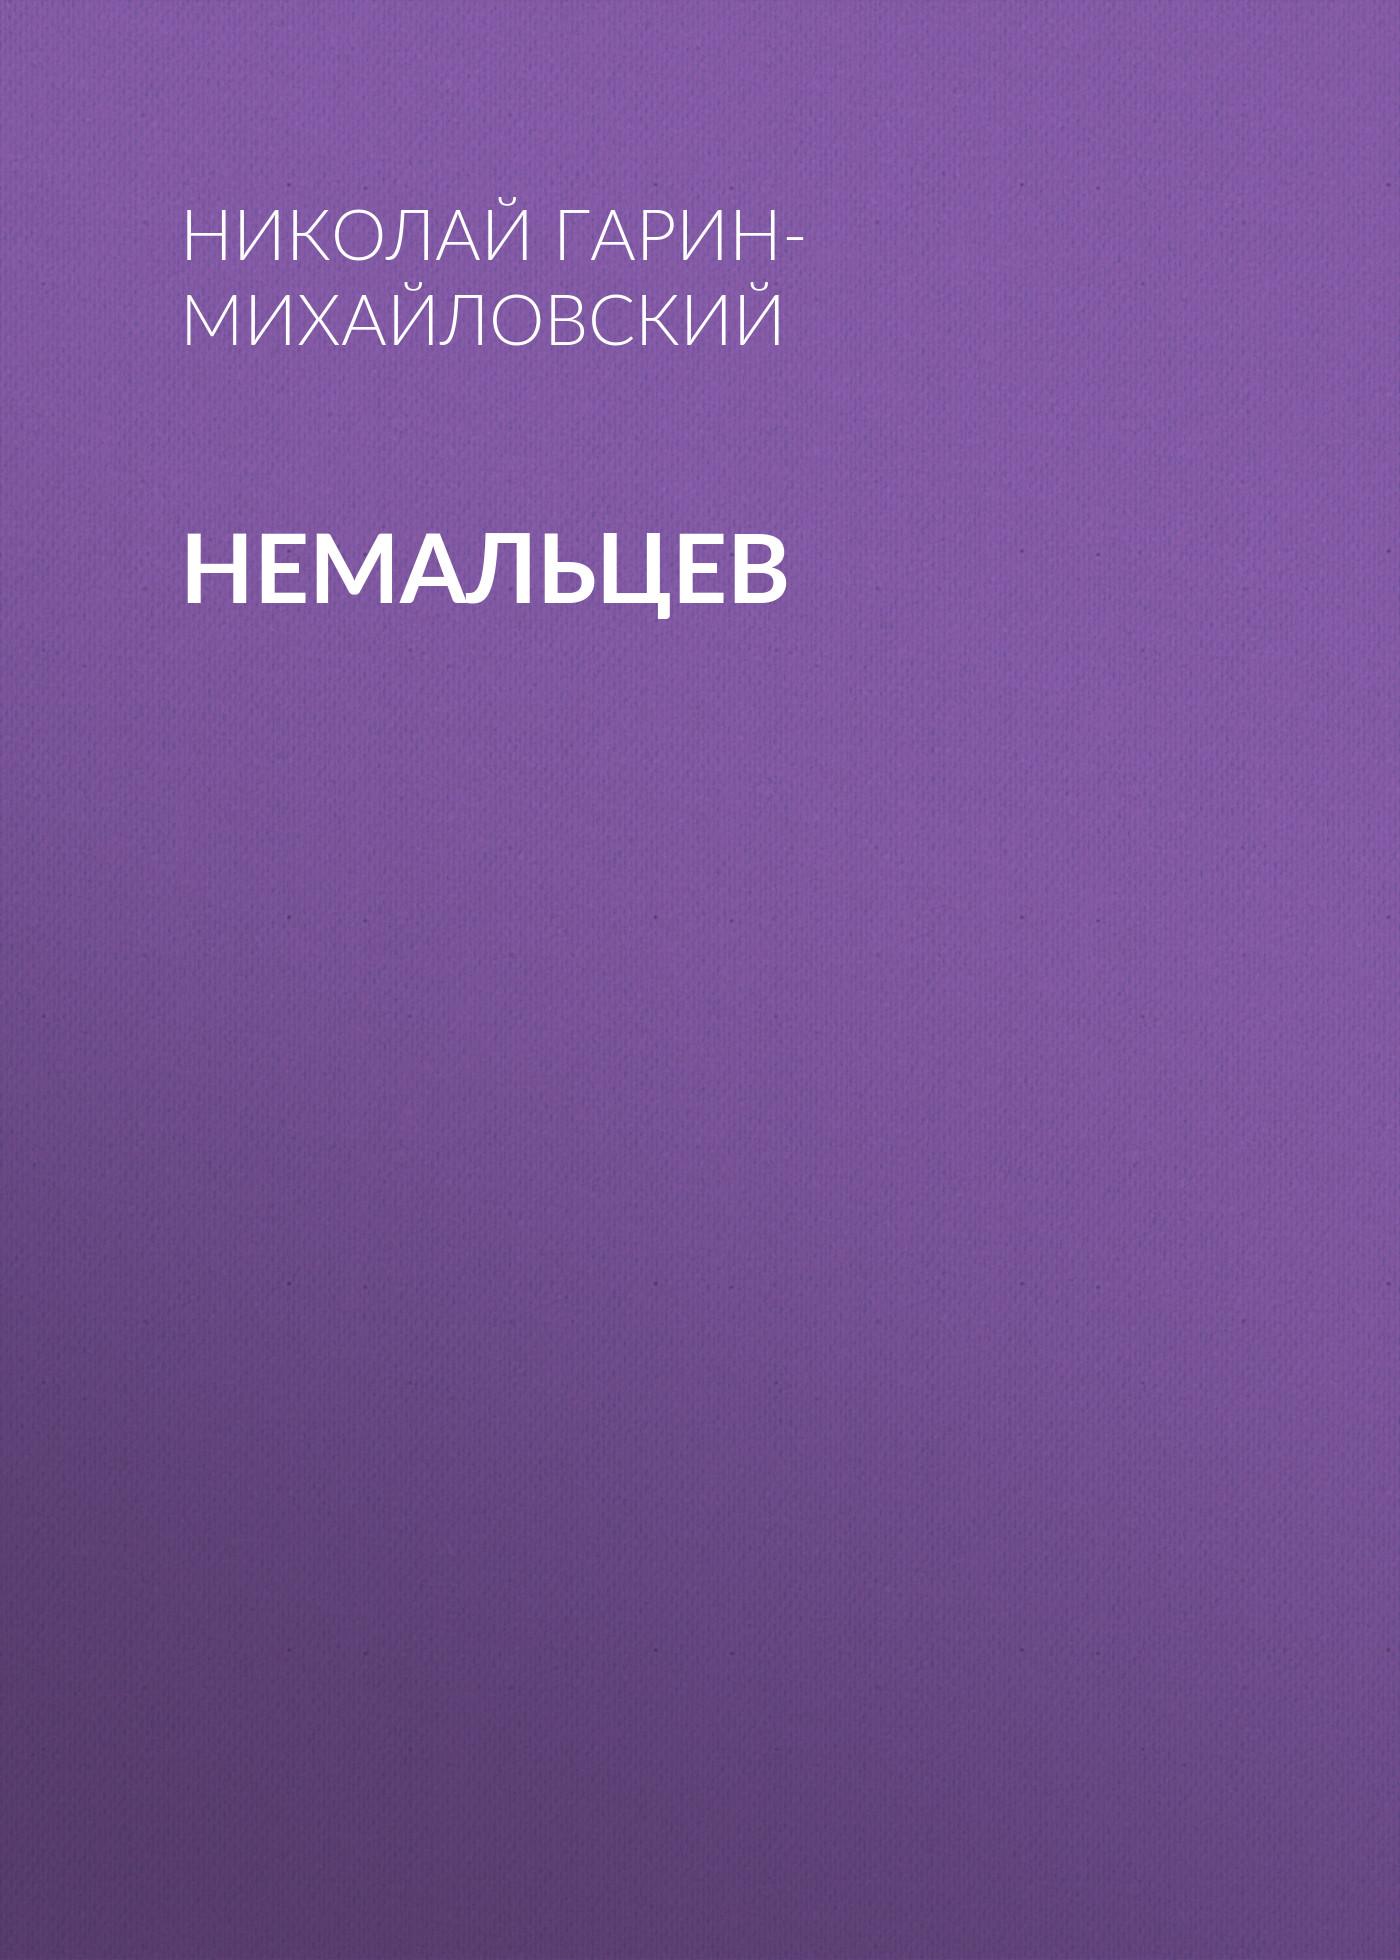 цена на Николай Гарин-Михайловский Немальцев